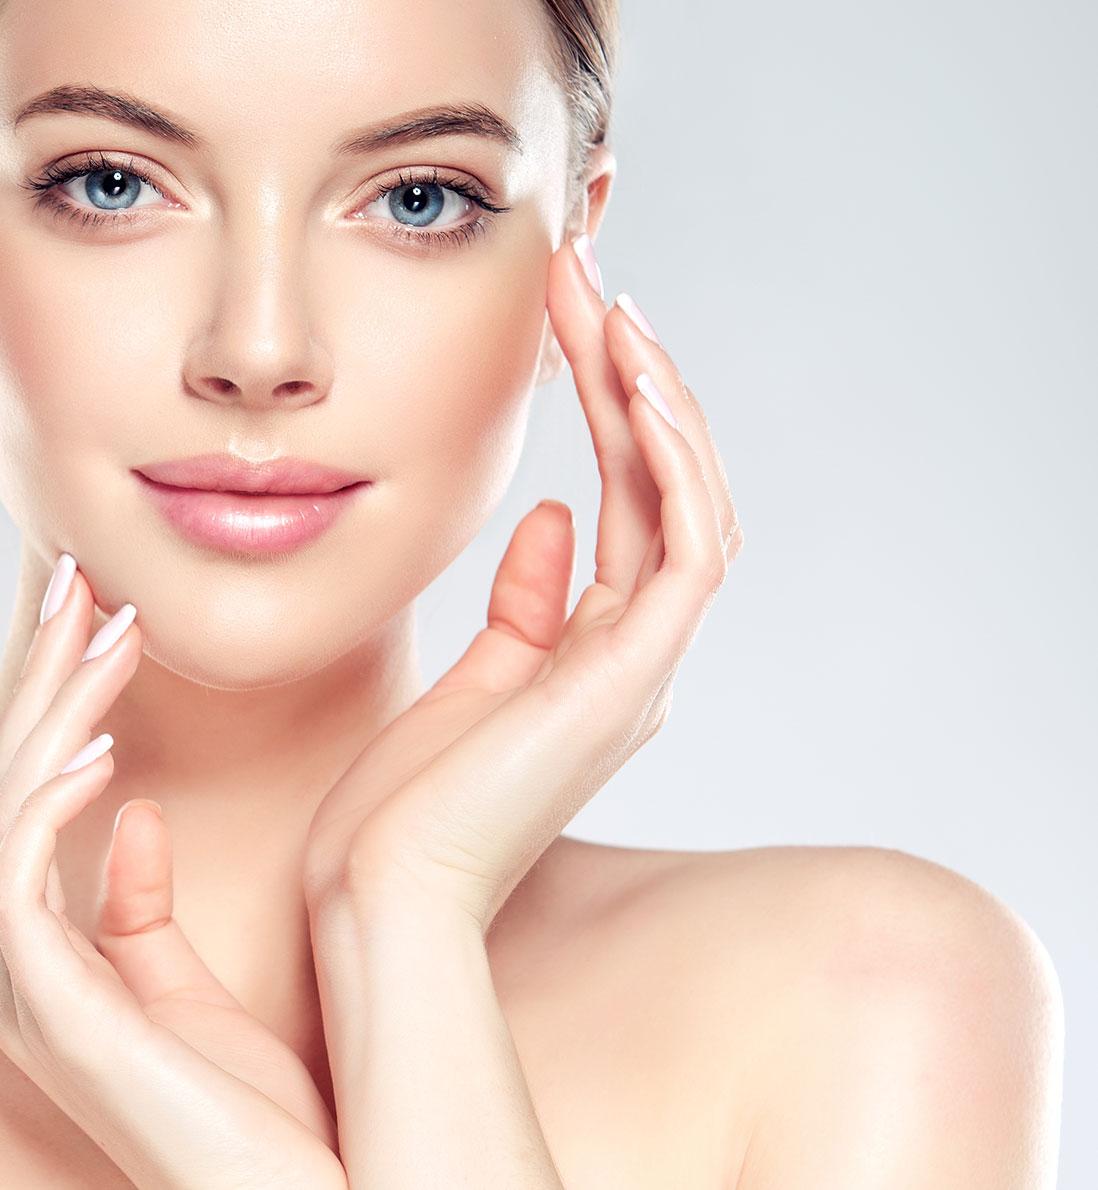 La chirurgie esthétique du visage à Lyon | Dr Durbec